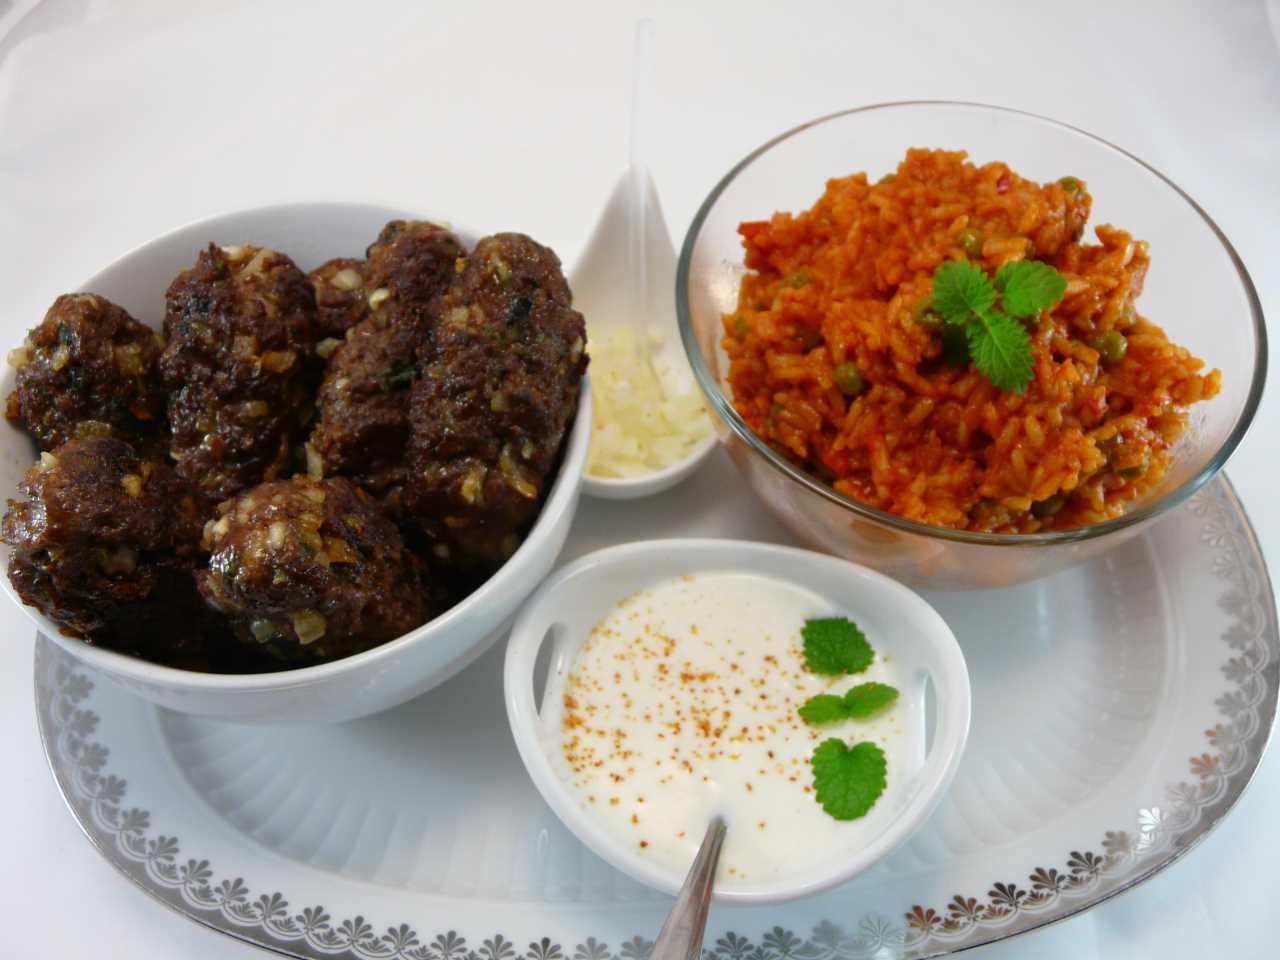 Cevapcici mit Djuvec Reis Joghurt Dip und Zwiebeln